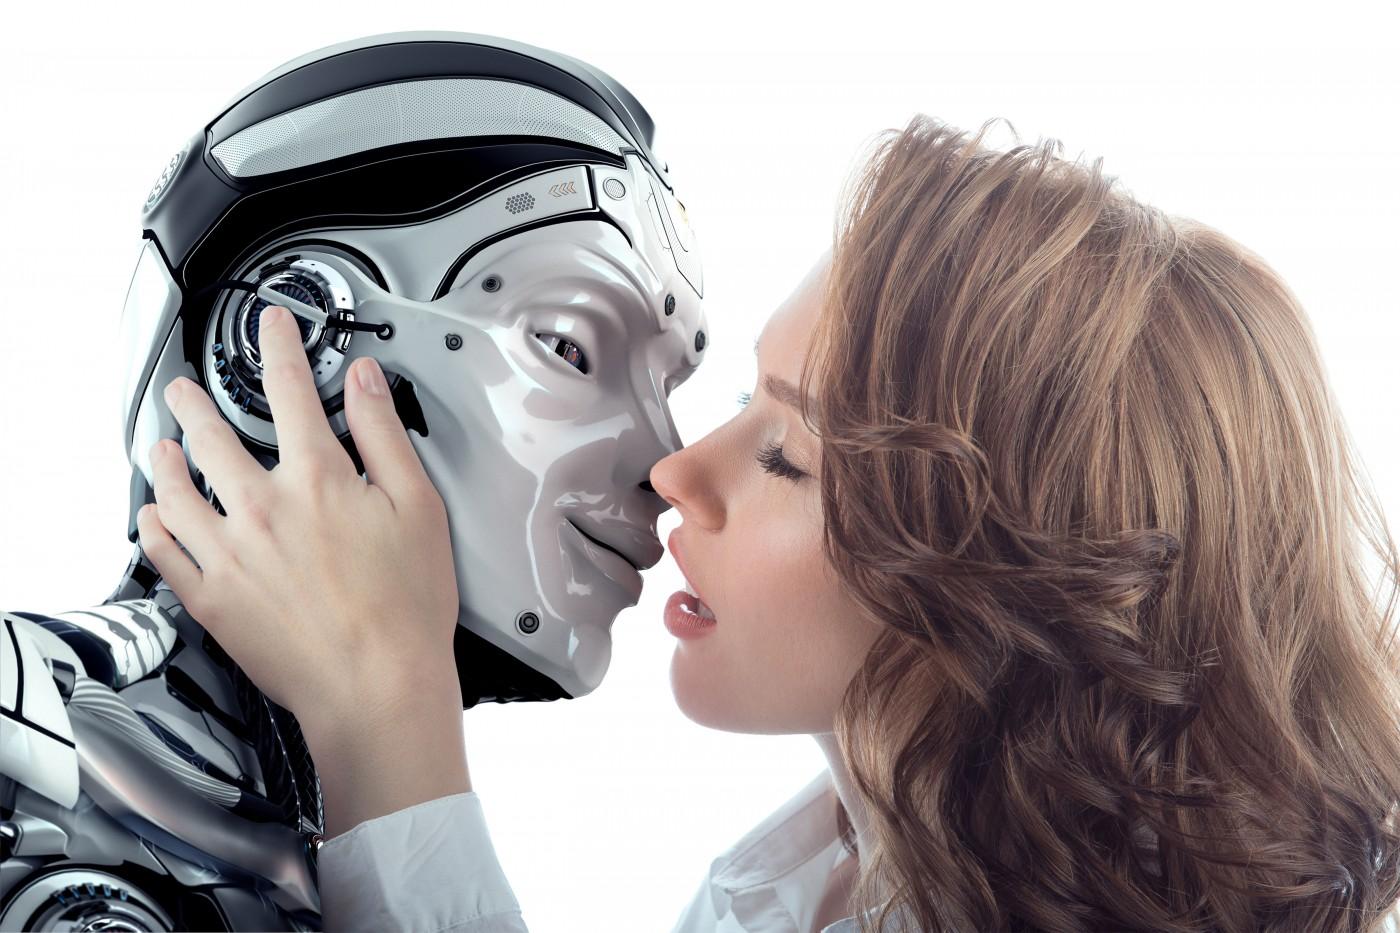 機器人有可能成為我們的伴侶嗎?